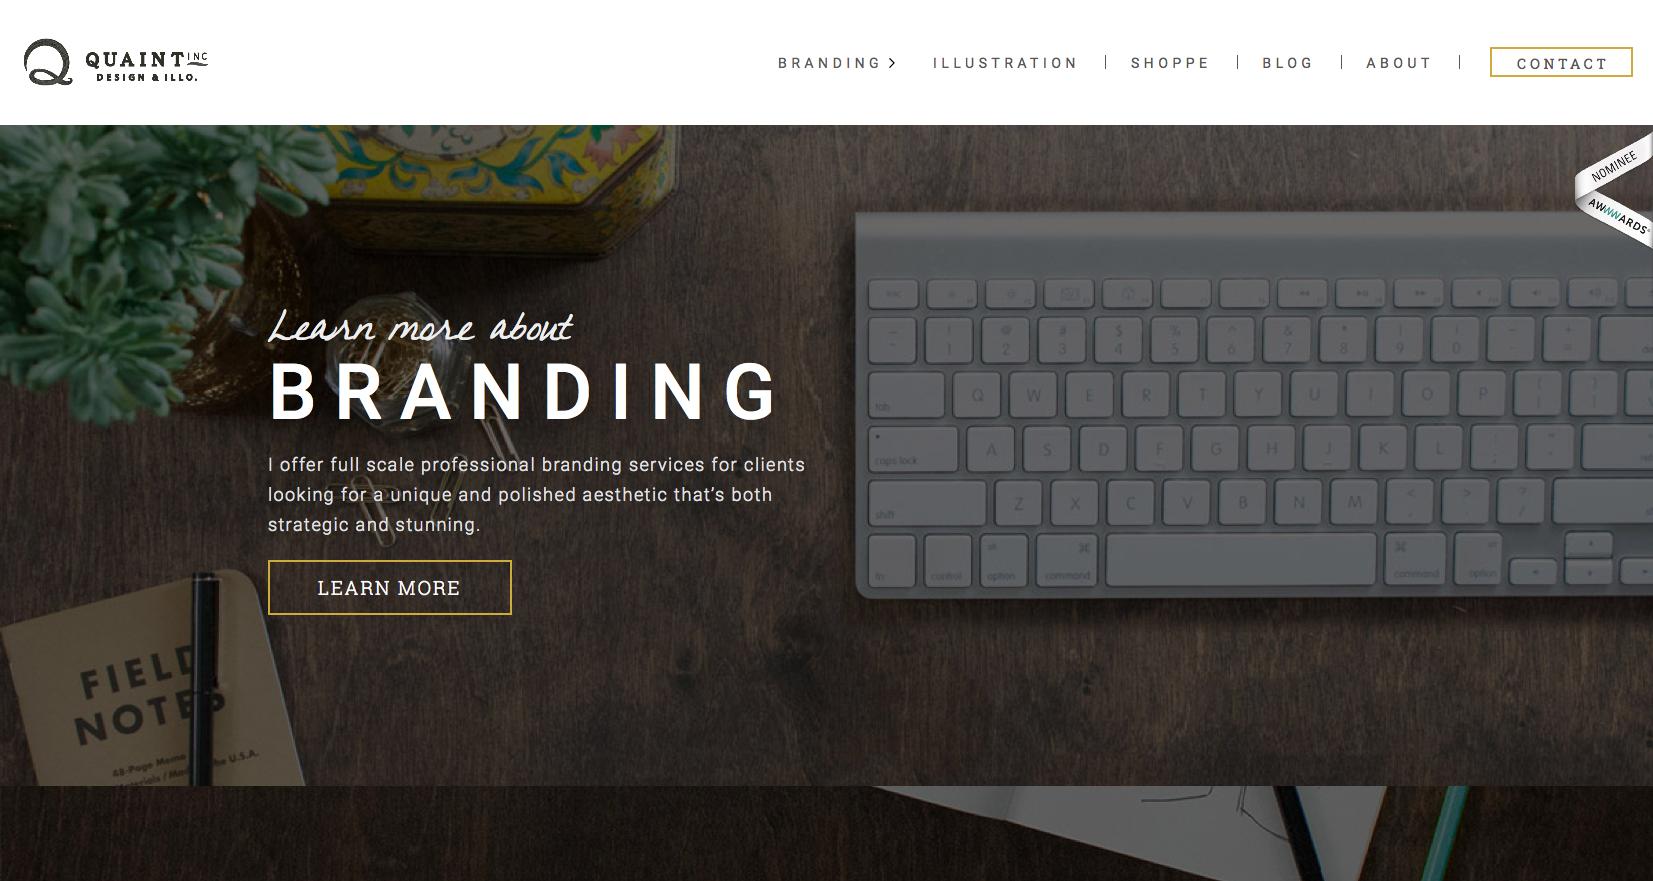 Quaint Inc landing page